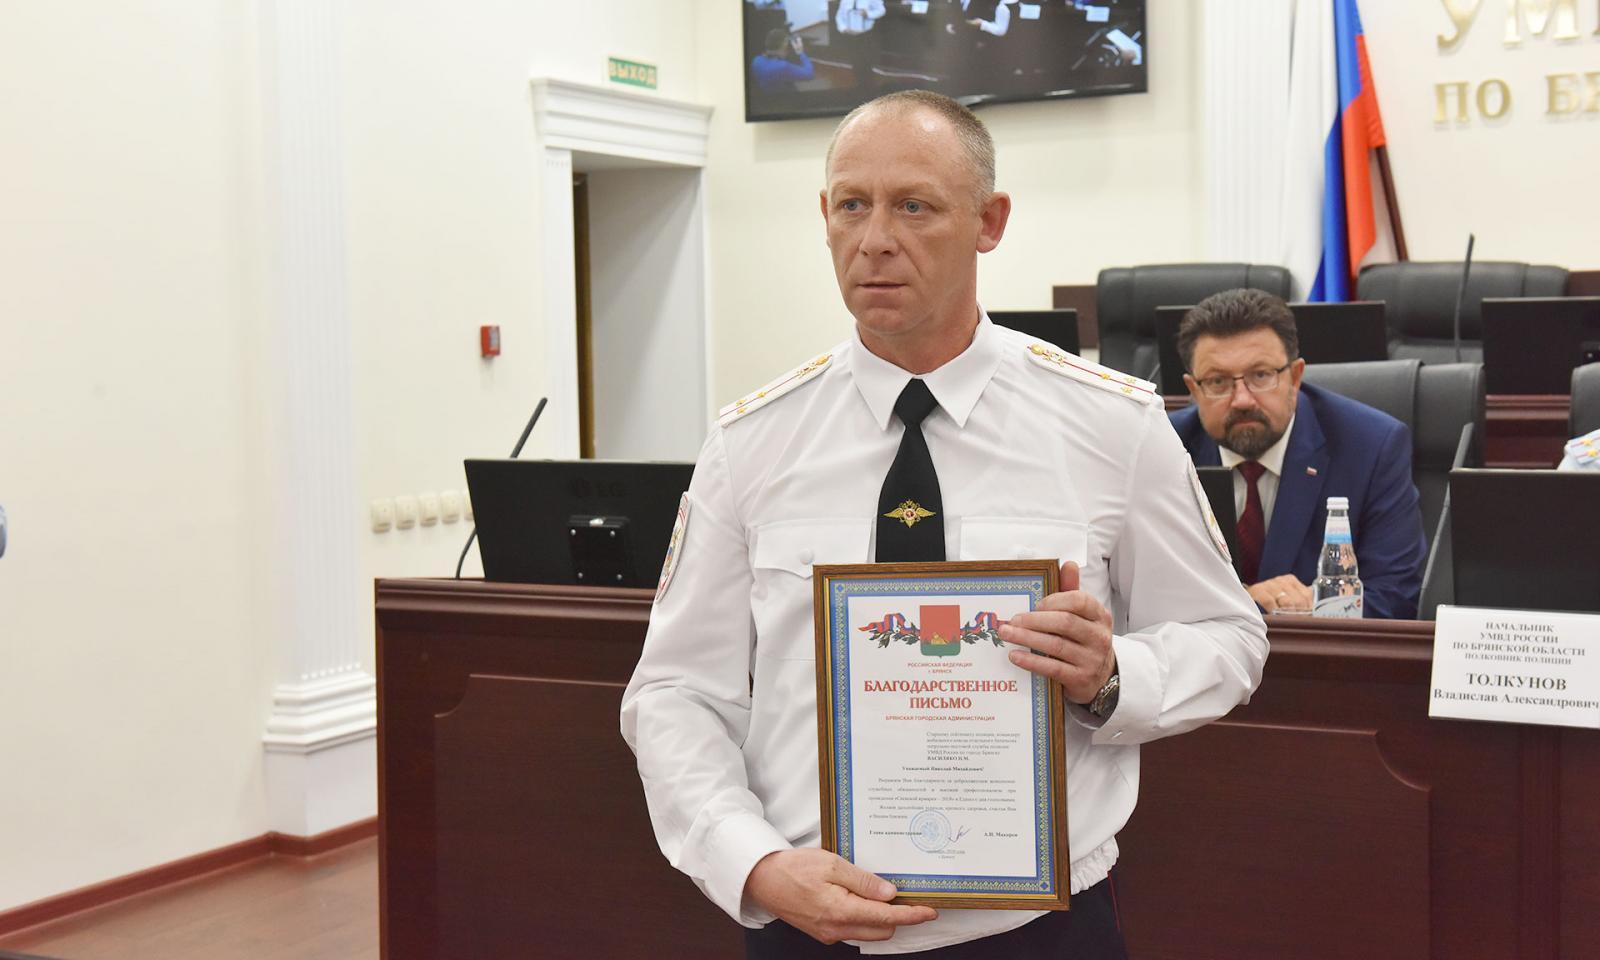 Брянских стражей закона наградил губернатор